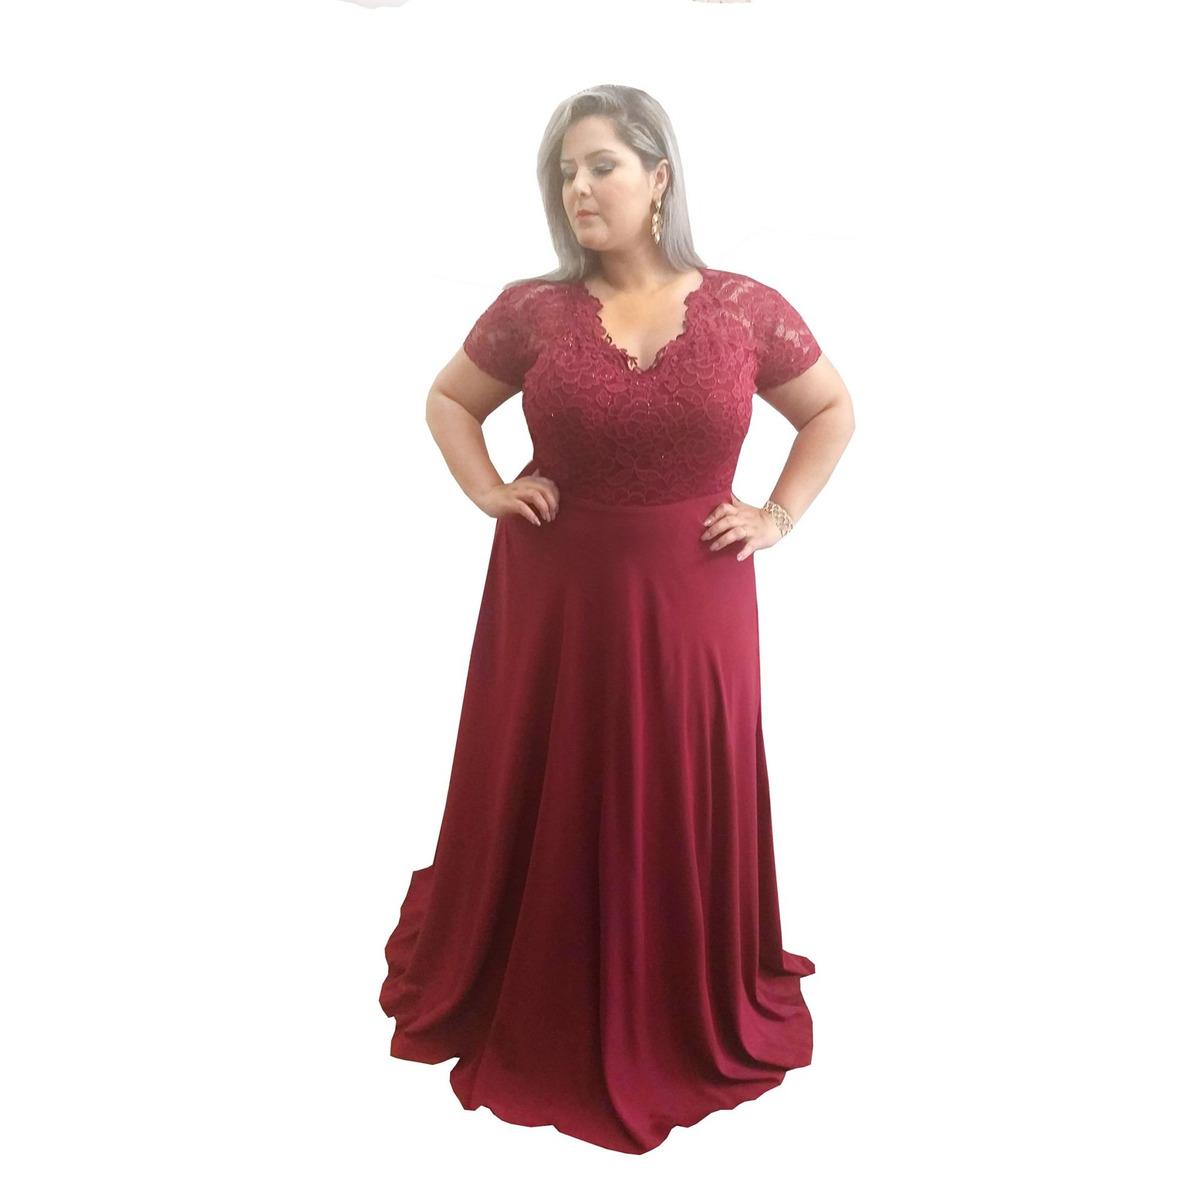 a1dfab87759f vestido festa marsala plus size madrinha casamento lindo. Carregando zoom.